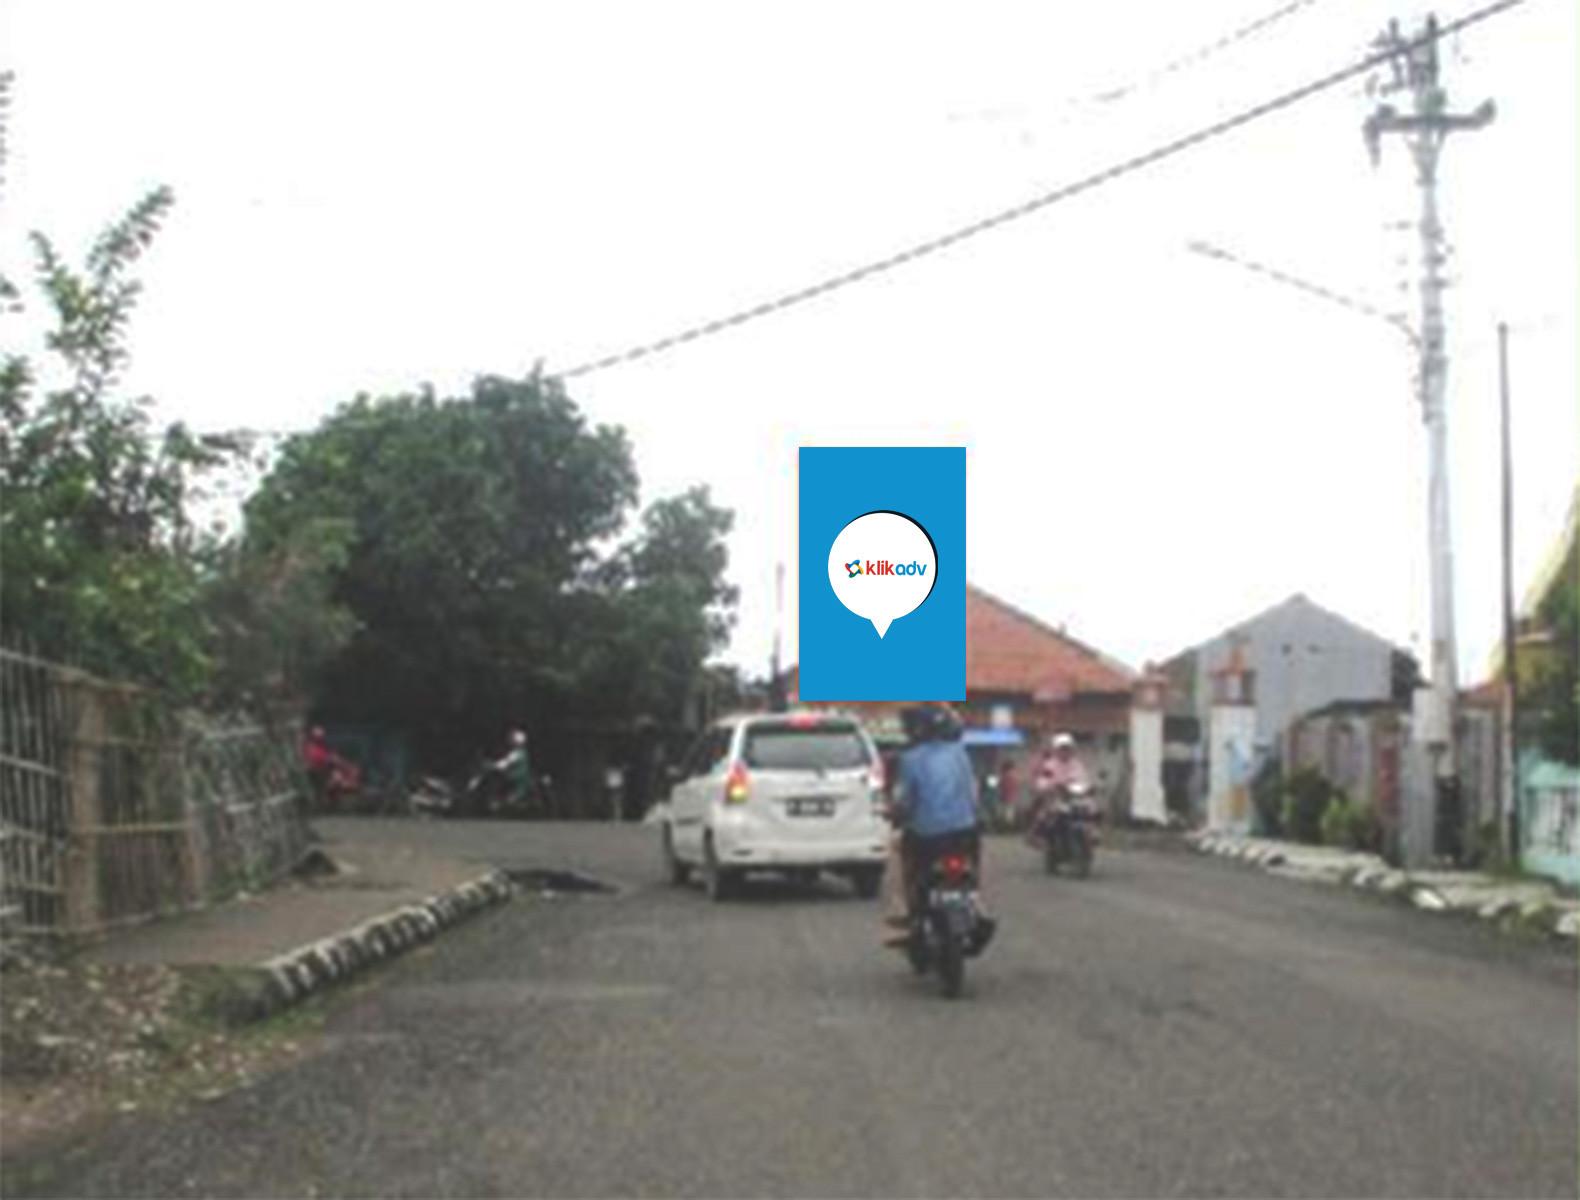 Sewa Baliho Jawa Tengah Kabupaten Cilacap Jl Kolonel Sugiyono Teluk